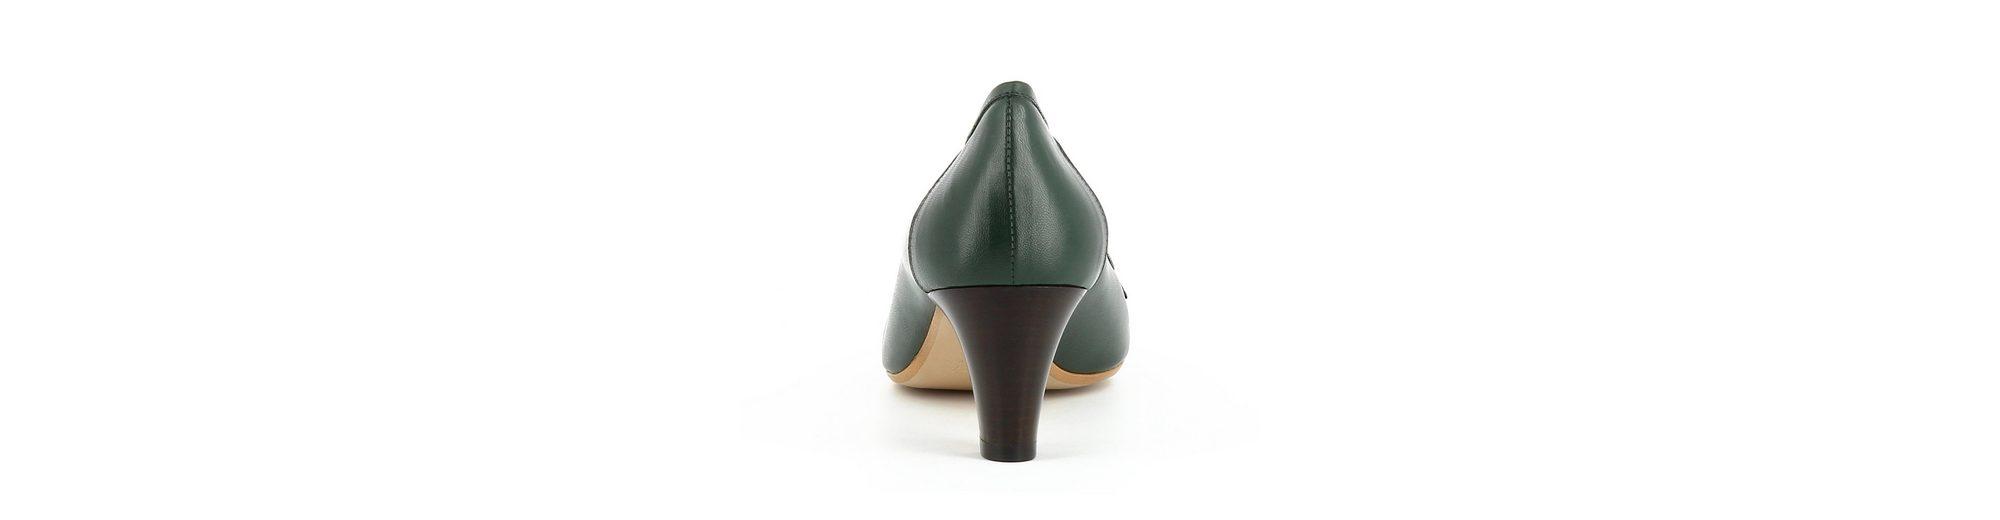 Evita GIUSY Pumps Günstig Kaufen 2018 Neue Billig Verkauf Offizielle Seite Neuesten Kollektionen Zu Verkaufen Auslass 2018 Neu Finden Große Günstig Online aClF6